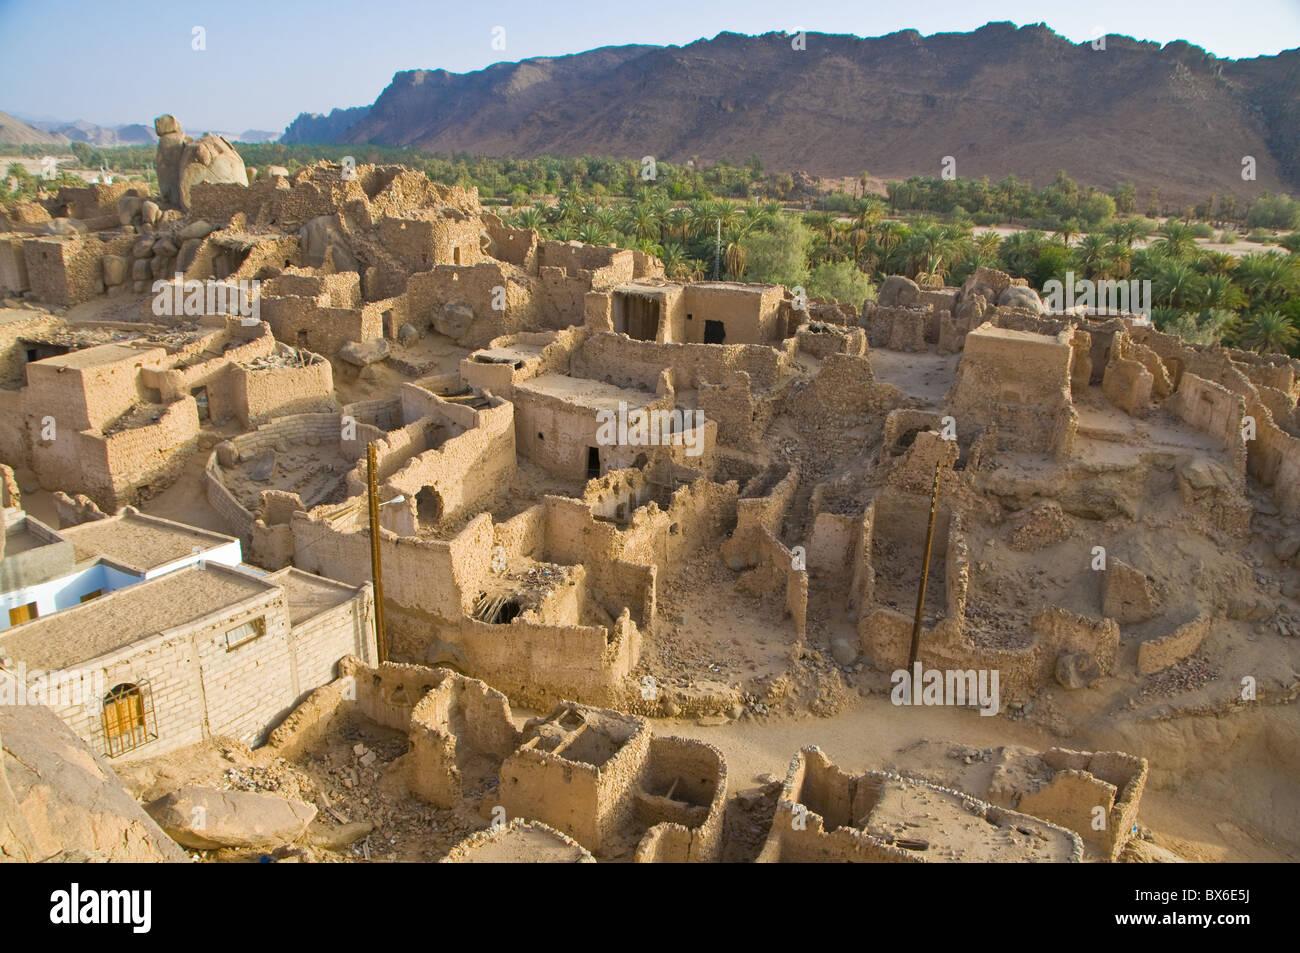 La vecchia città in rovina (ksour) di Djanet, Sud dell'Algeria, del Nord Africa e Africa Immagini Stock